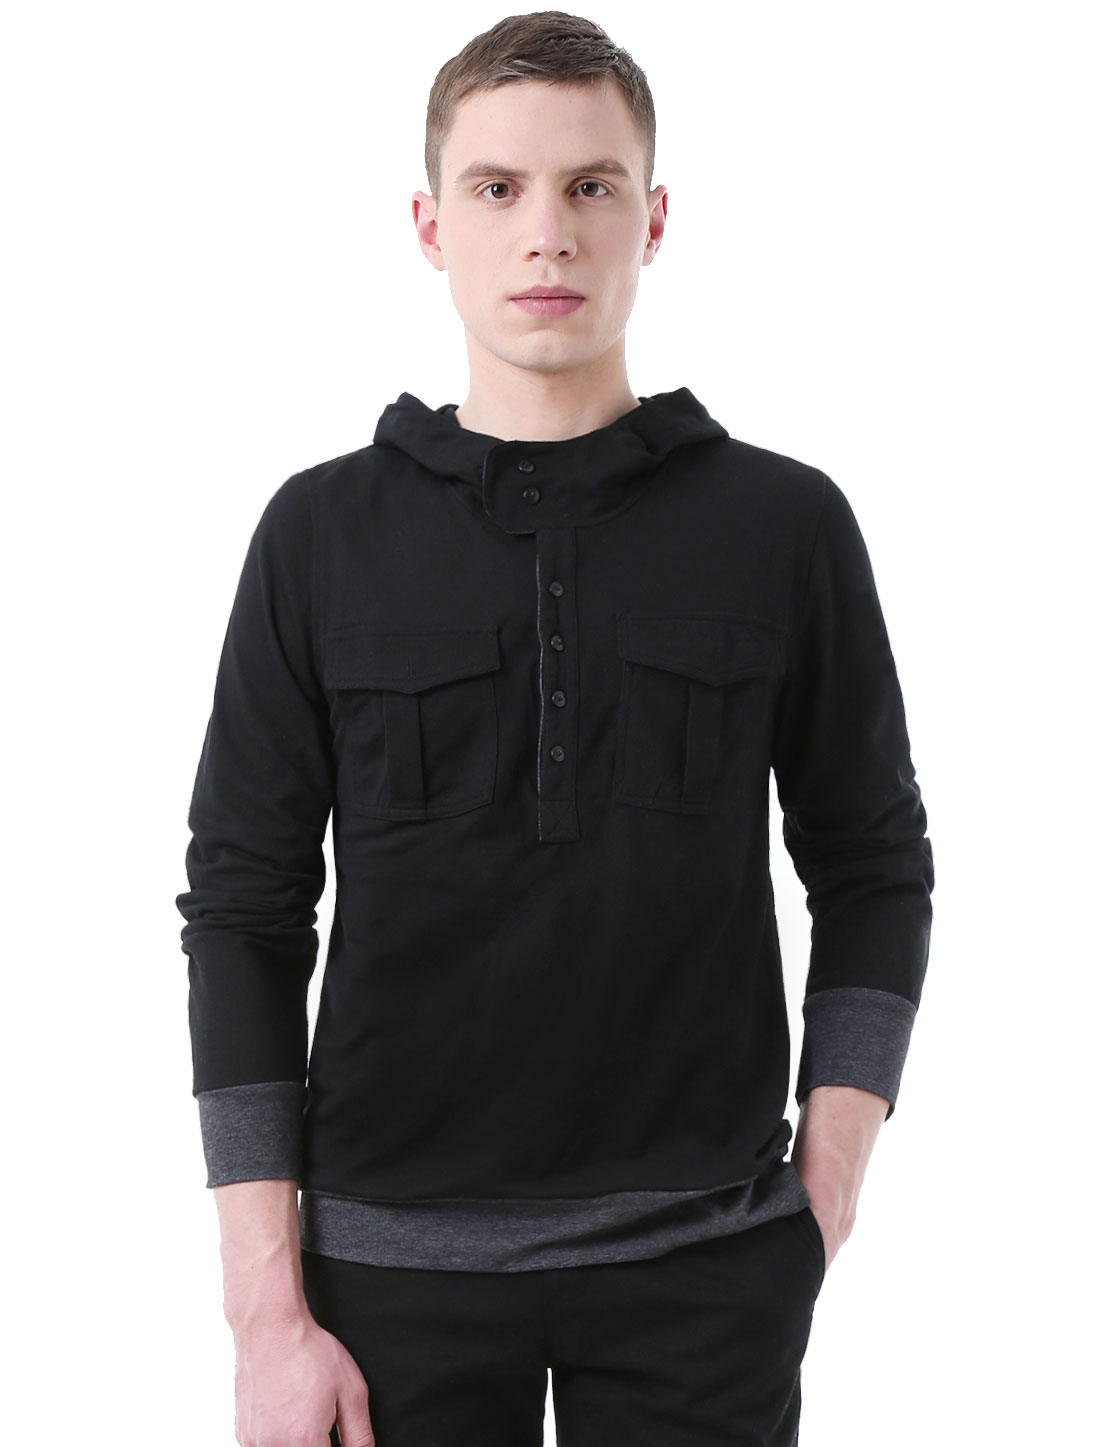 Men Long Sleeves Half Placket Slim Fit Hoodie Shirt Black S